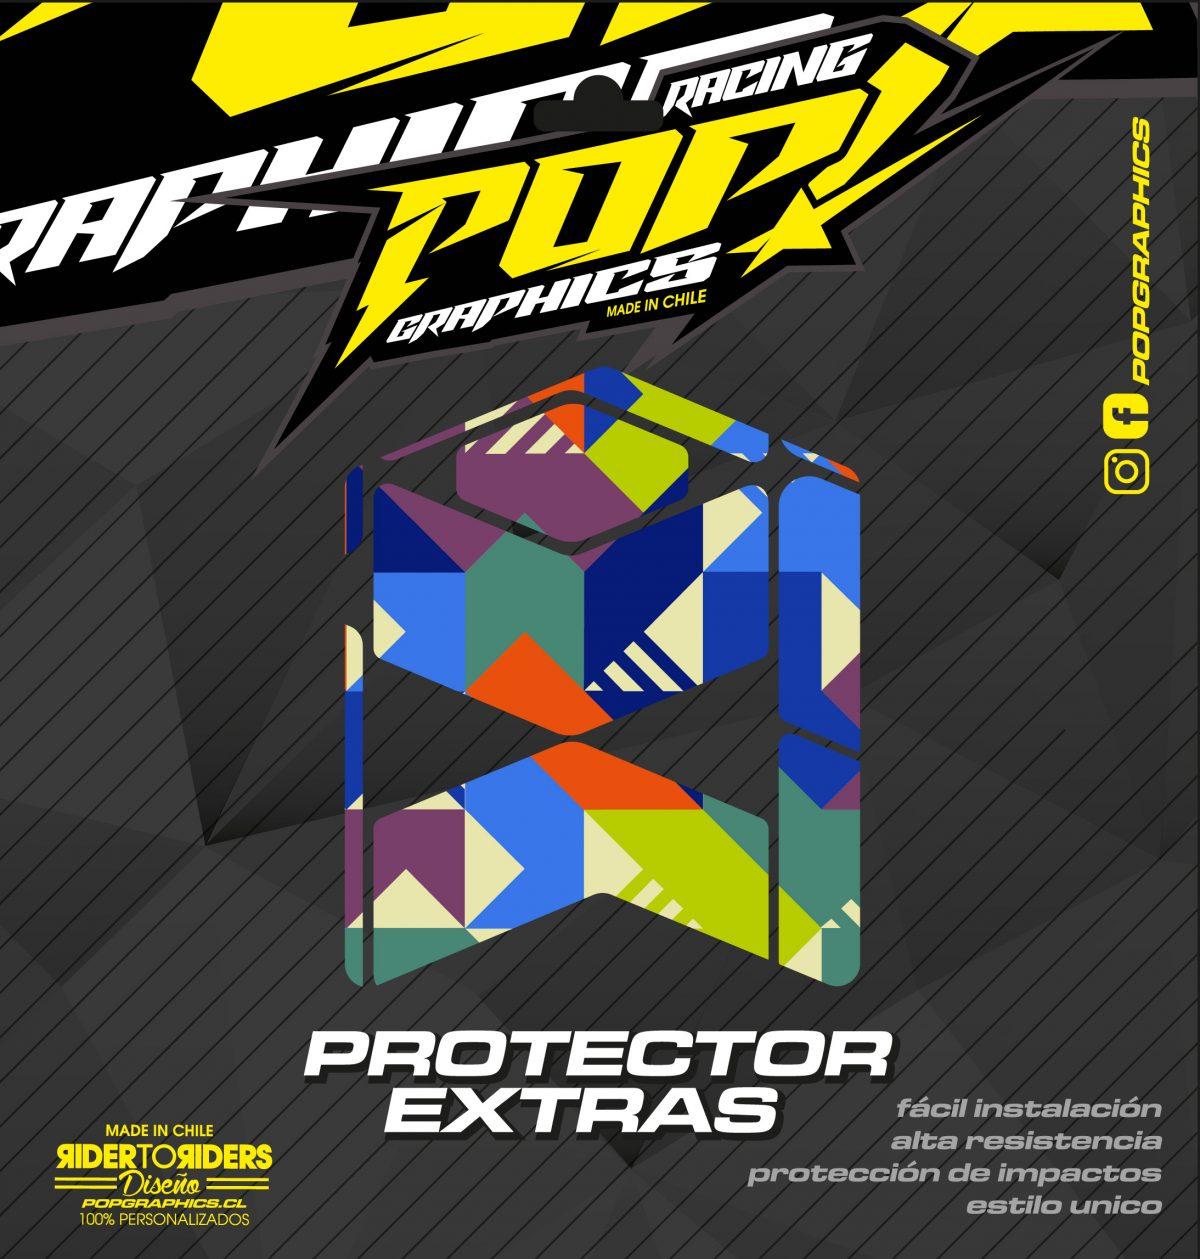 Protector extra cuadrados colores